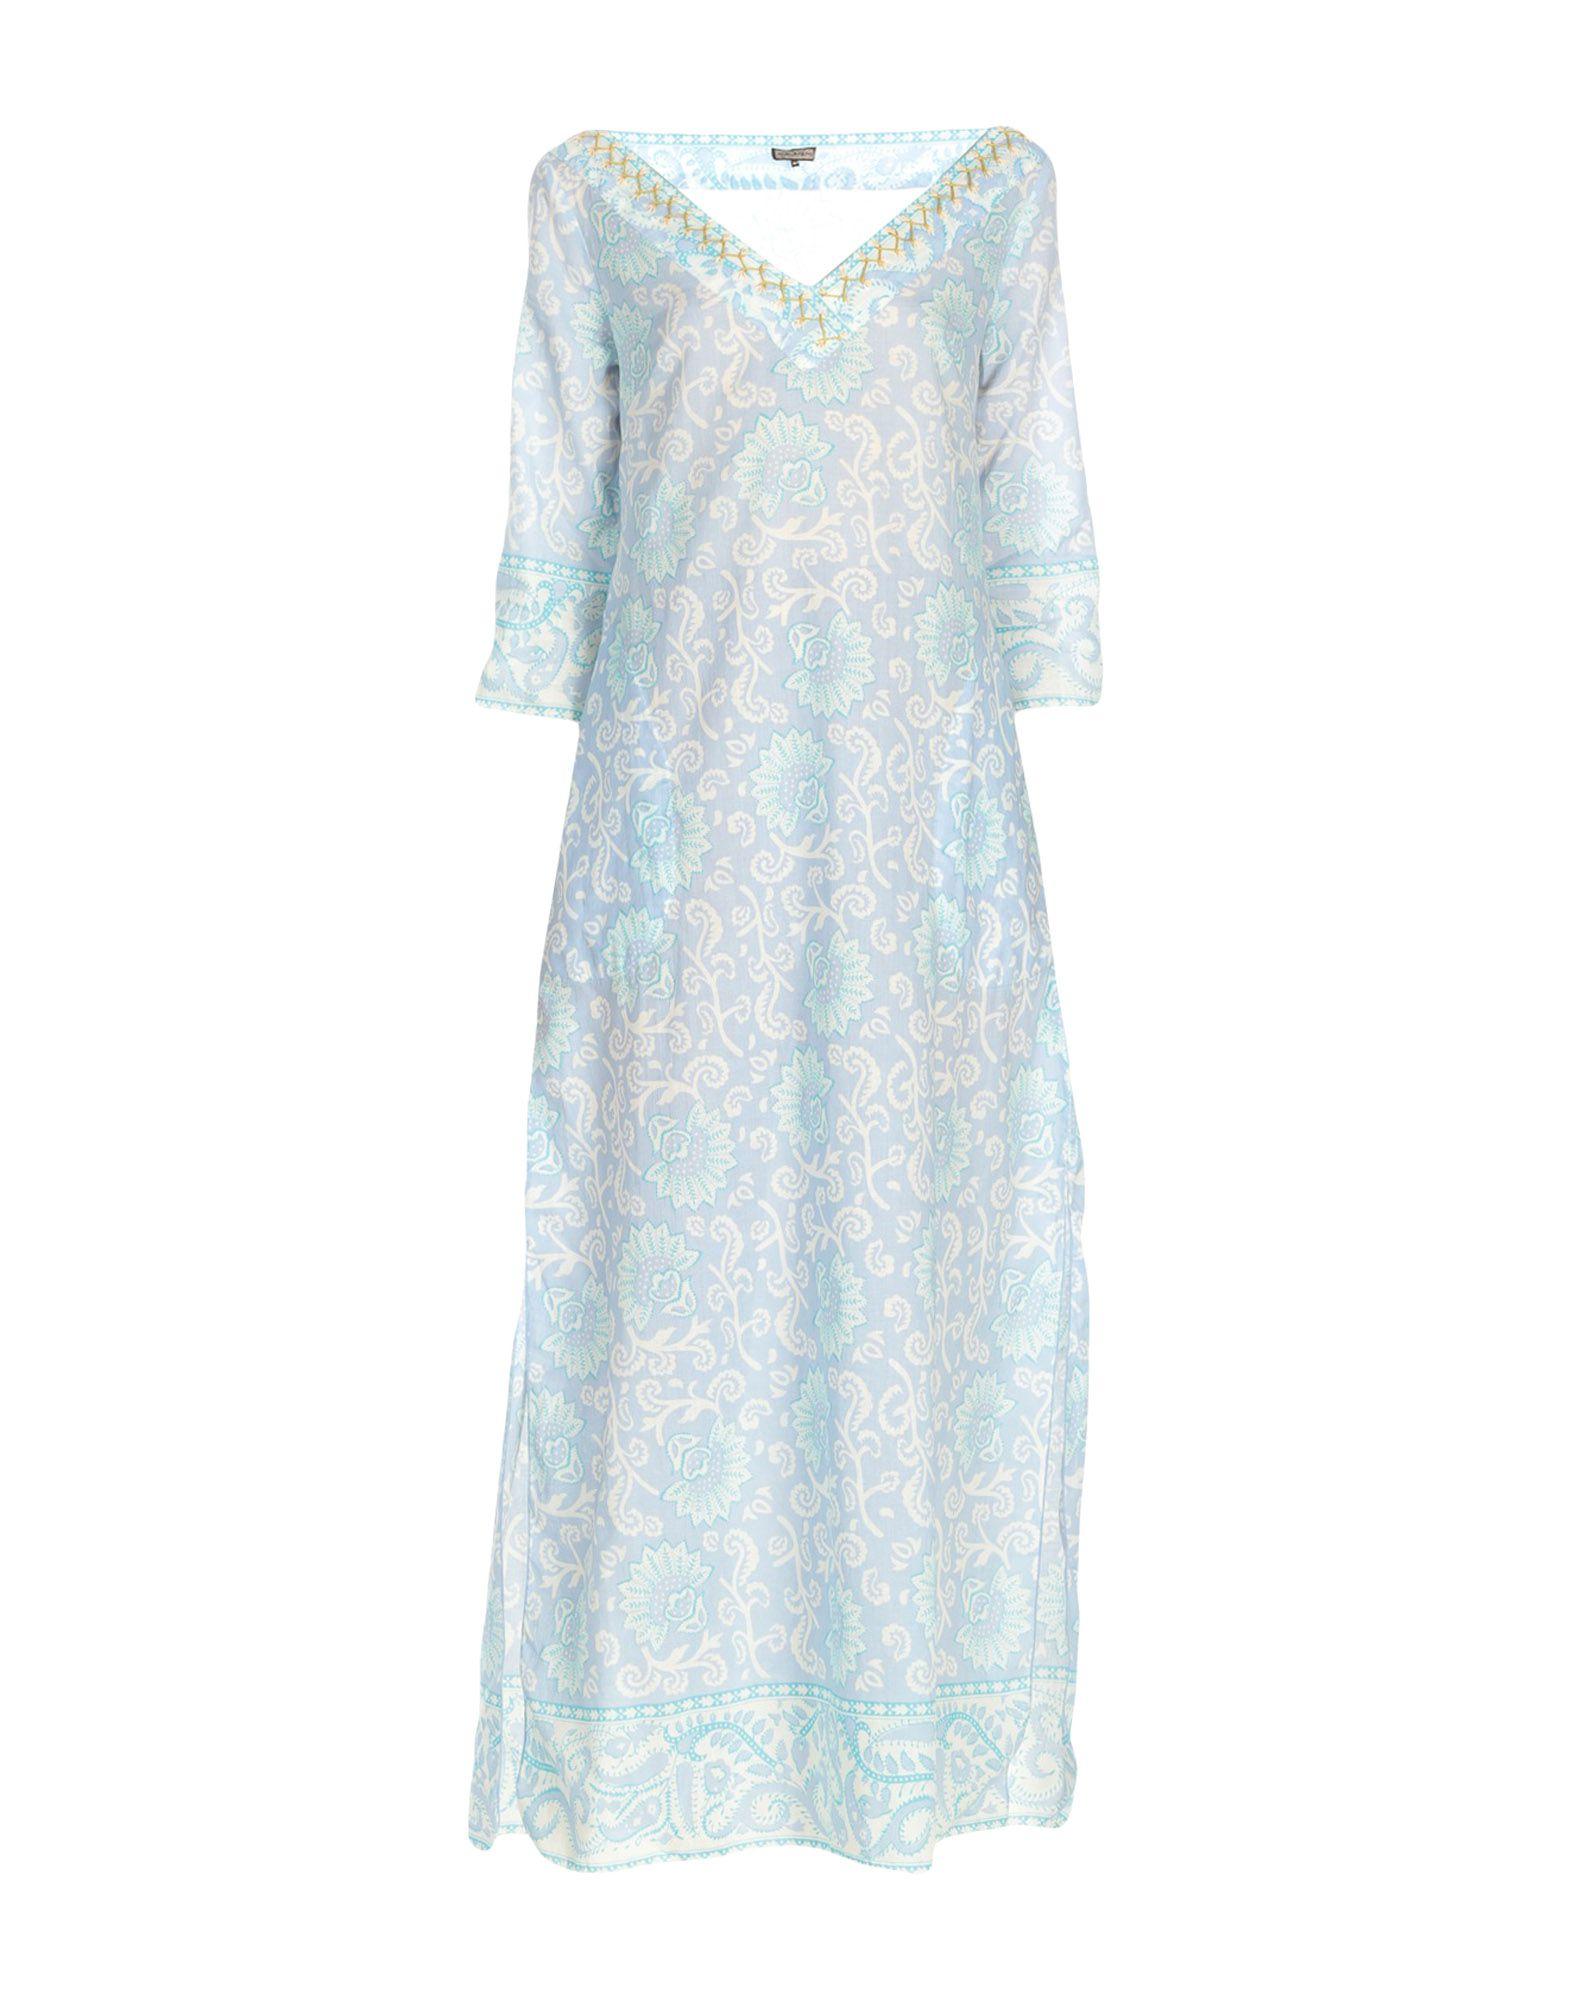 MALÌPARMI Длинное платье платье длинное с рисунком пейсли